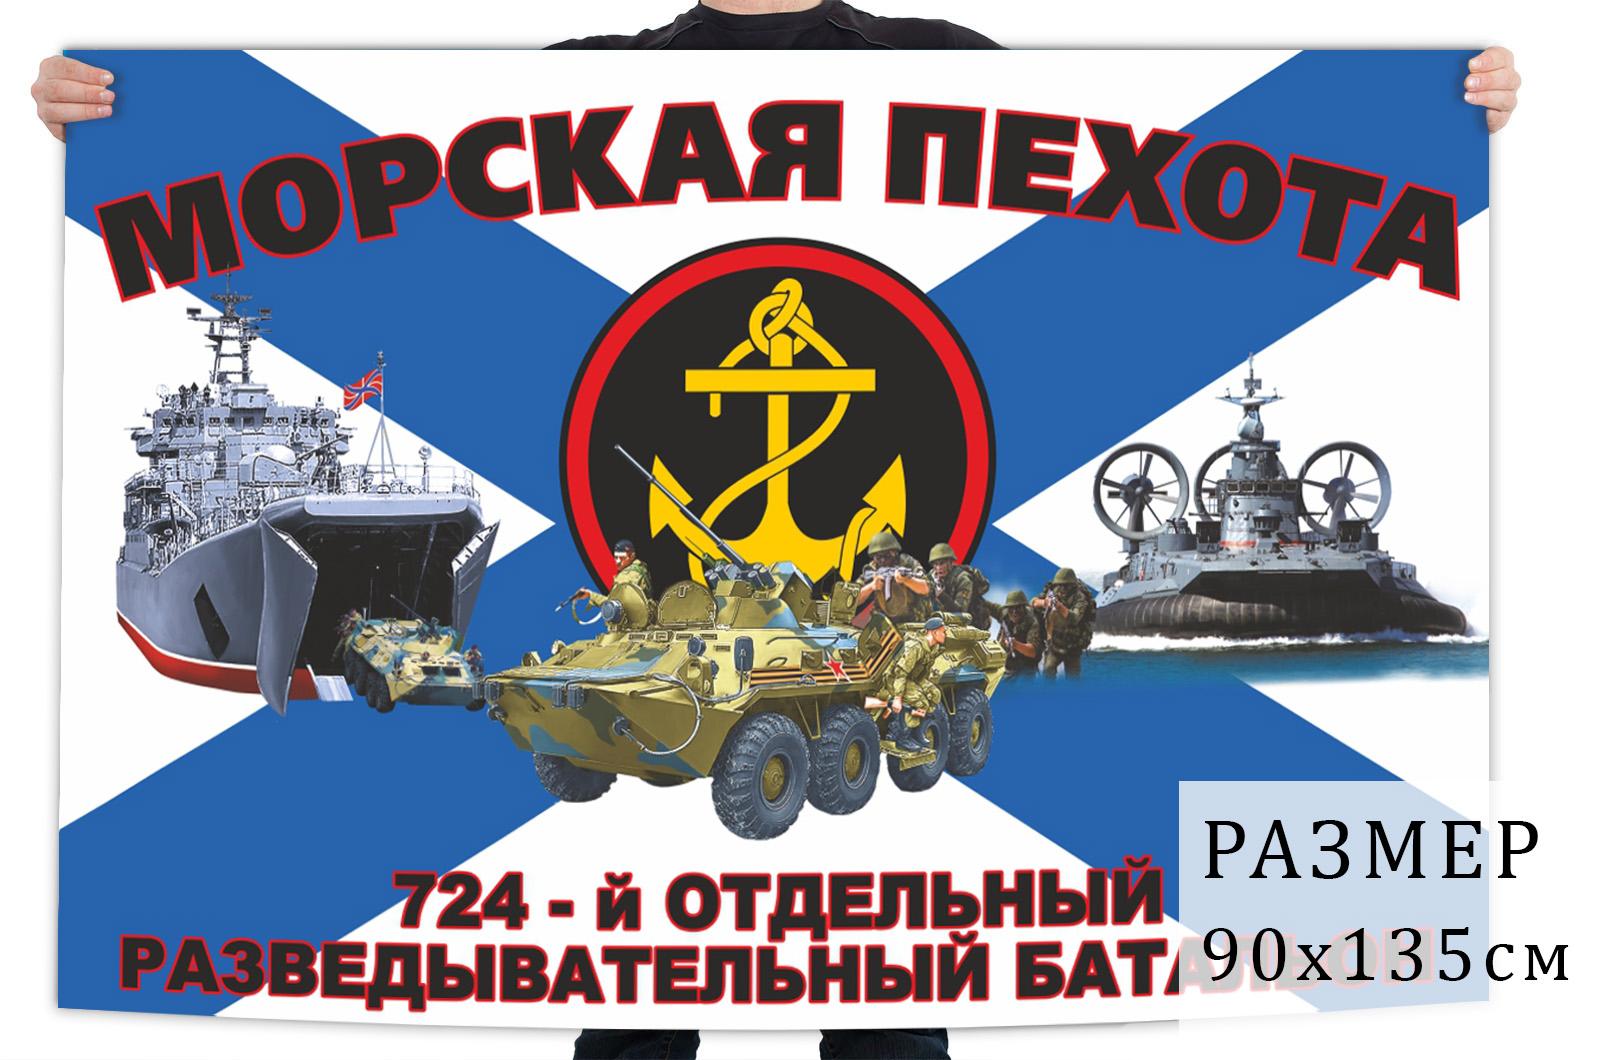 Флаг 724 отдельного разведывательного батальона морской пехоты